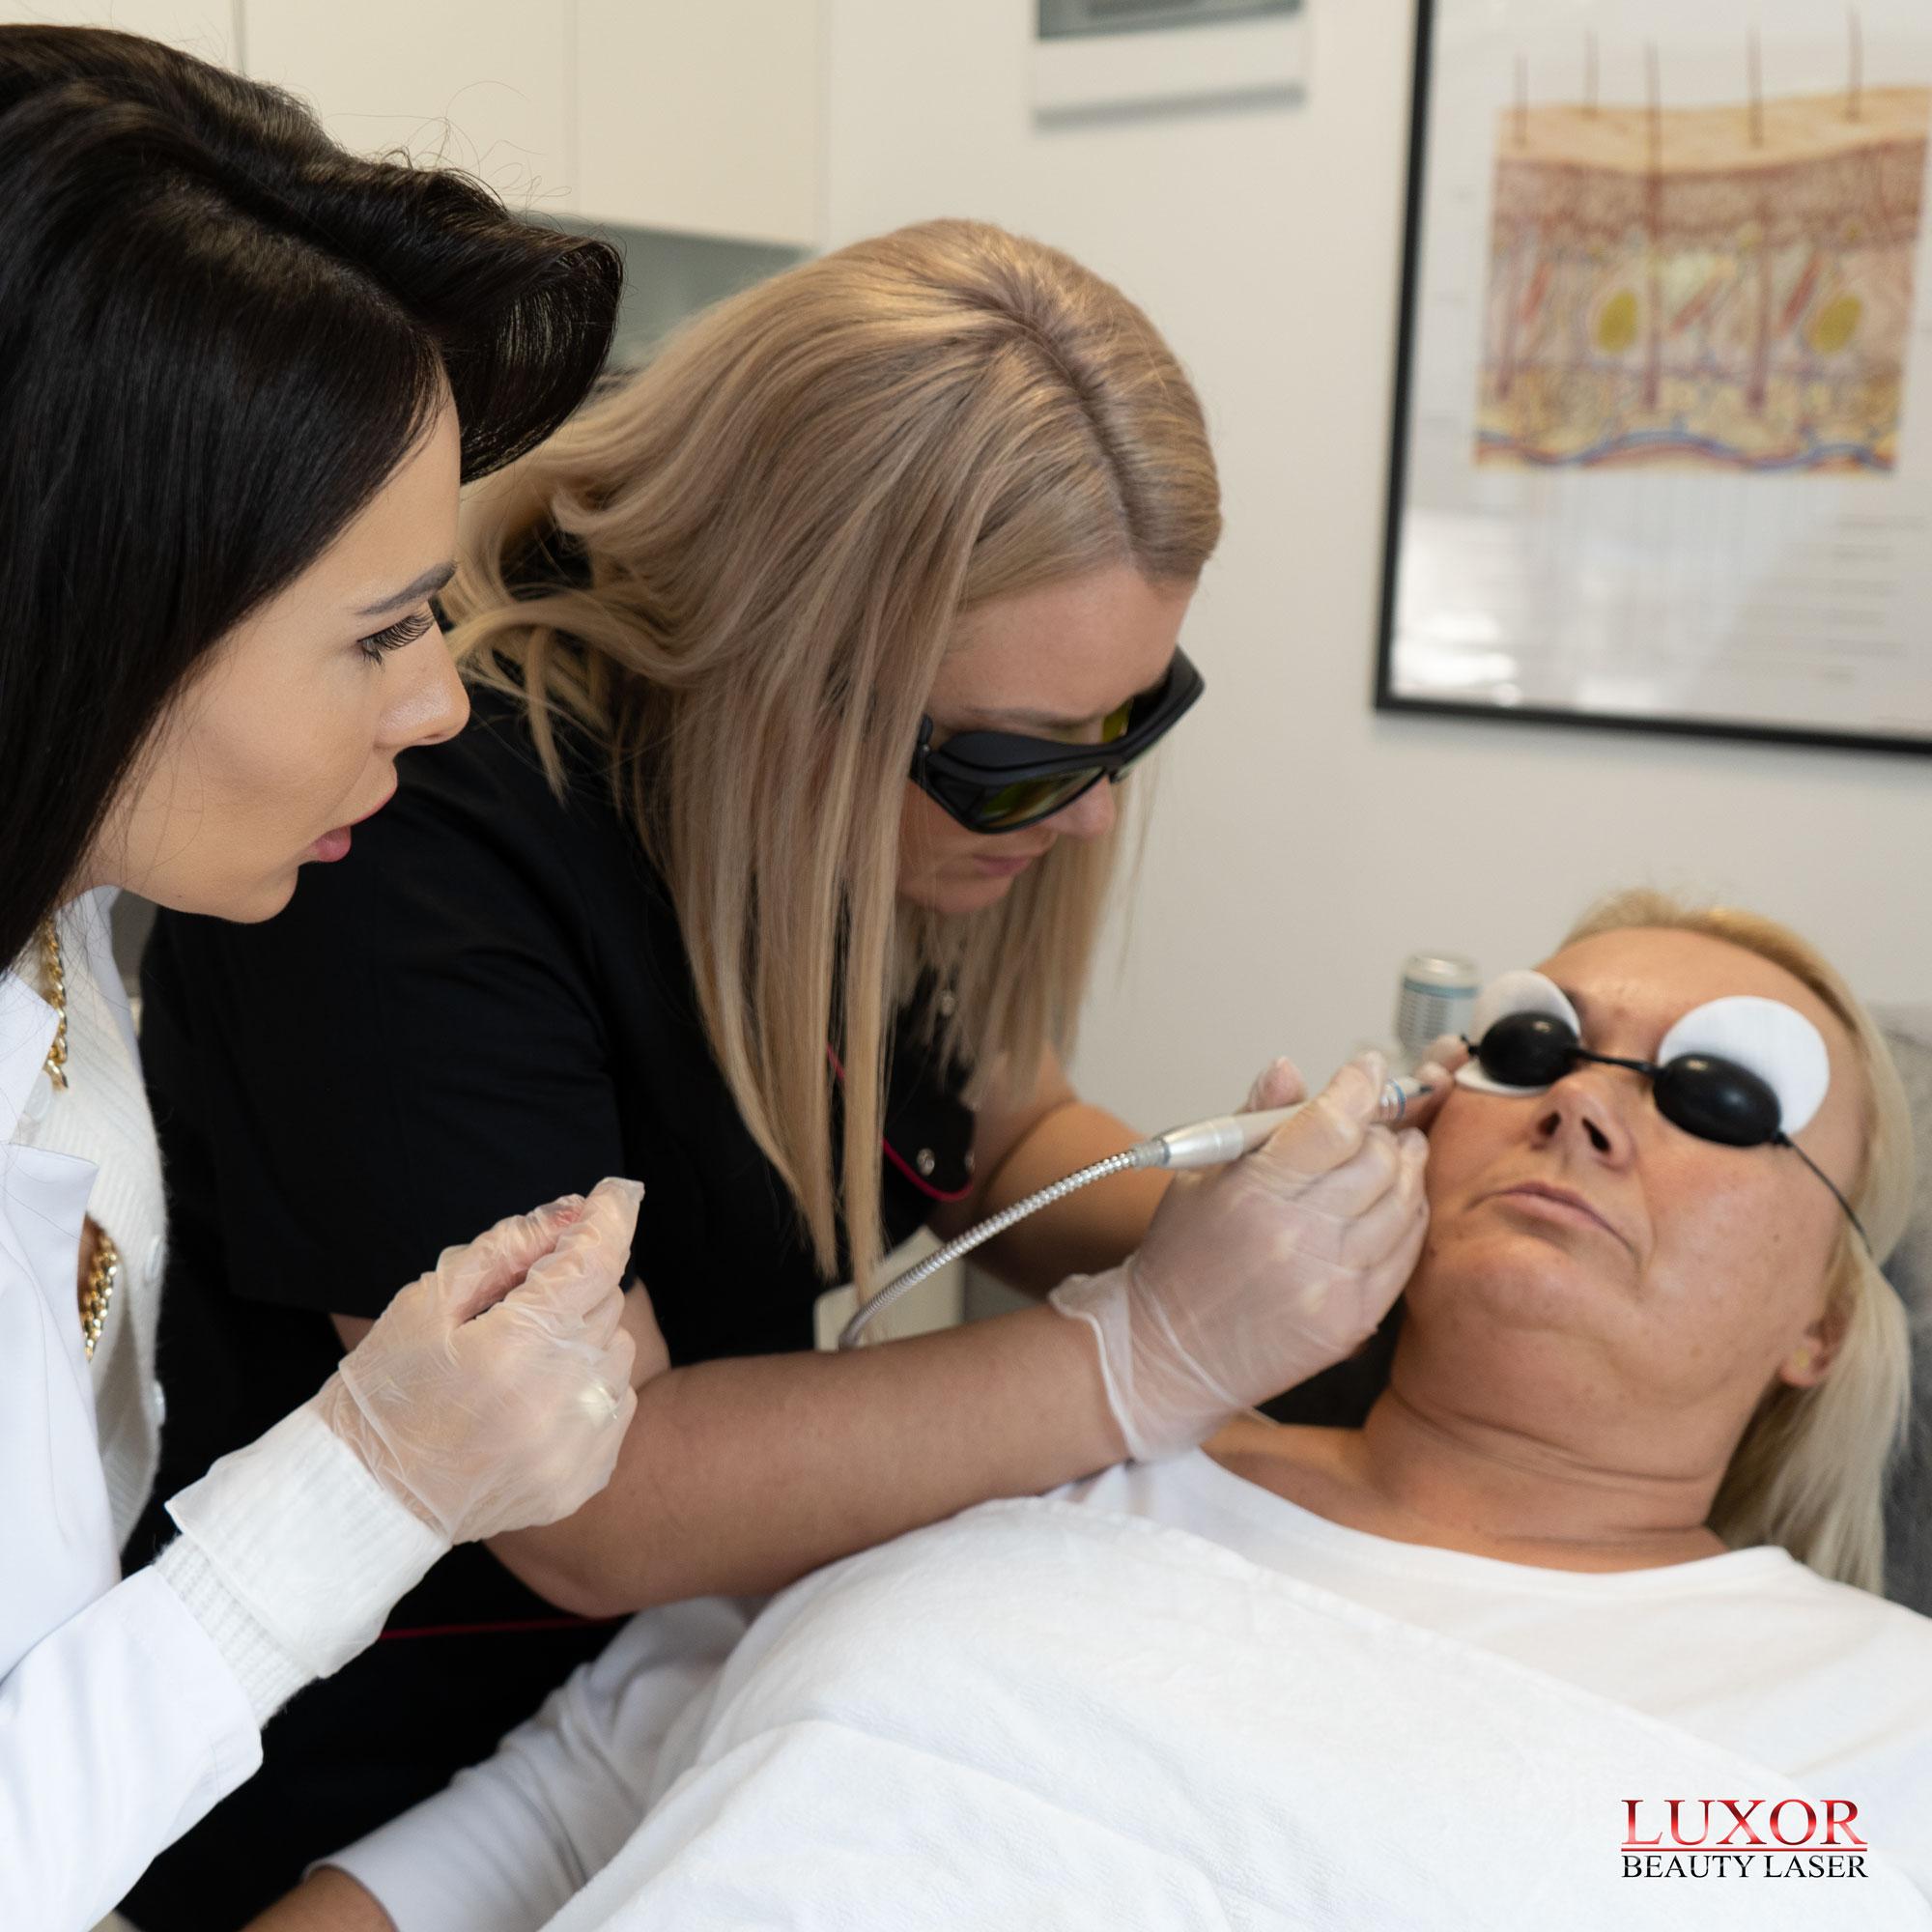 Uczestniczka stara się samodzielnie usunąć zmiany naczyniowe za pomocą lasera diodowego